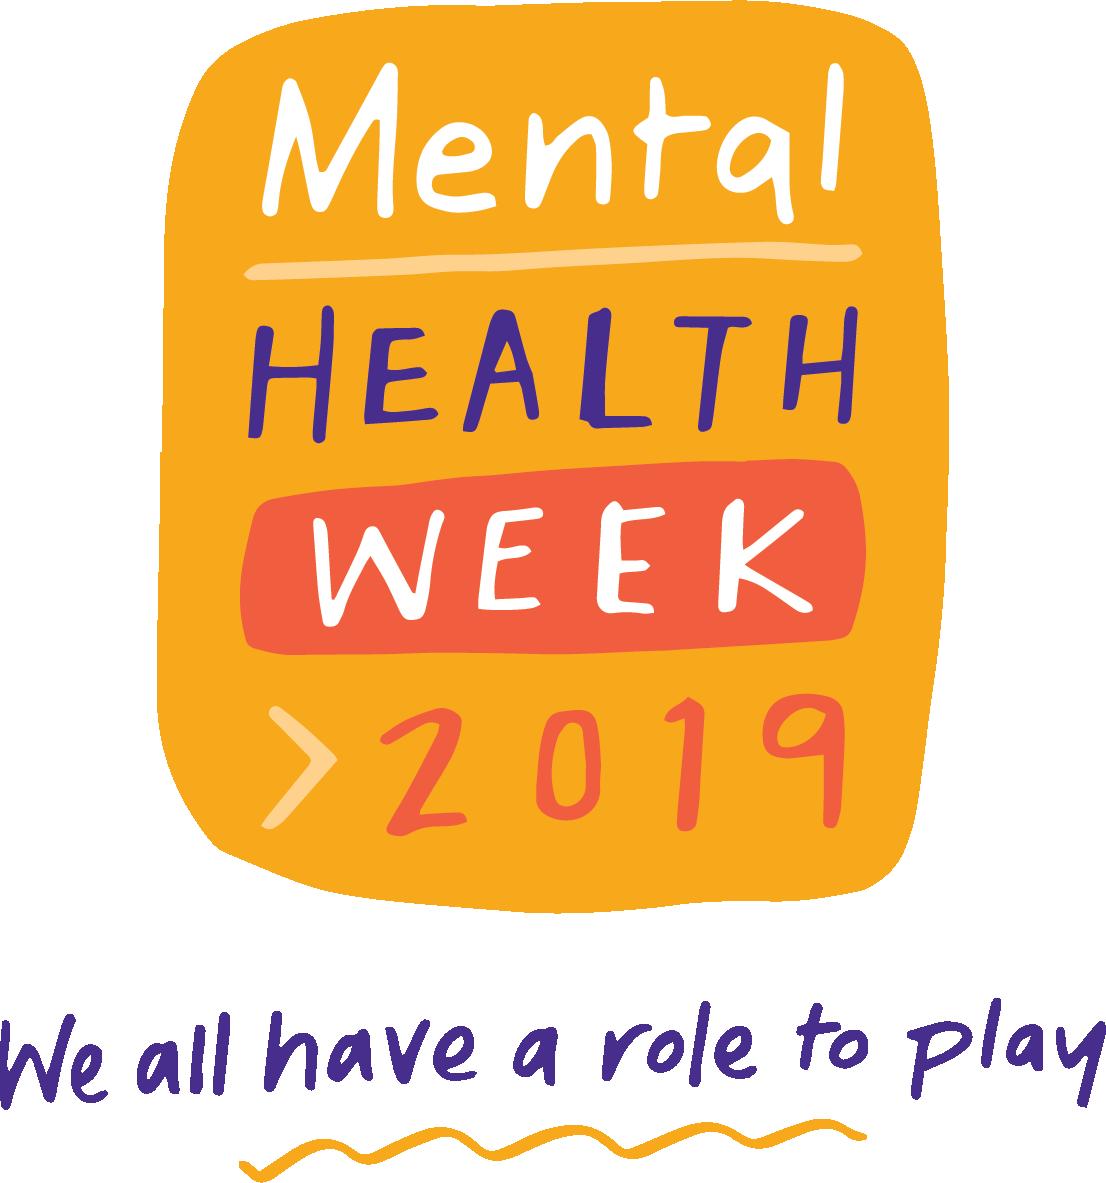 Mental Health Week 2019